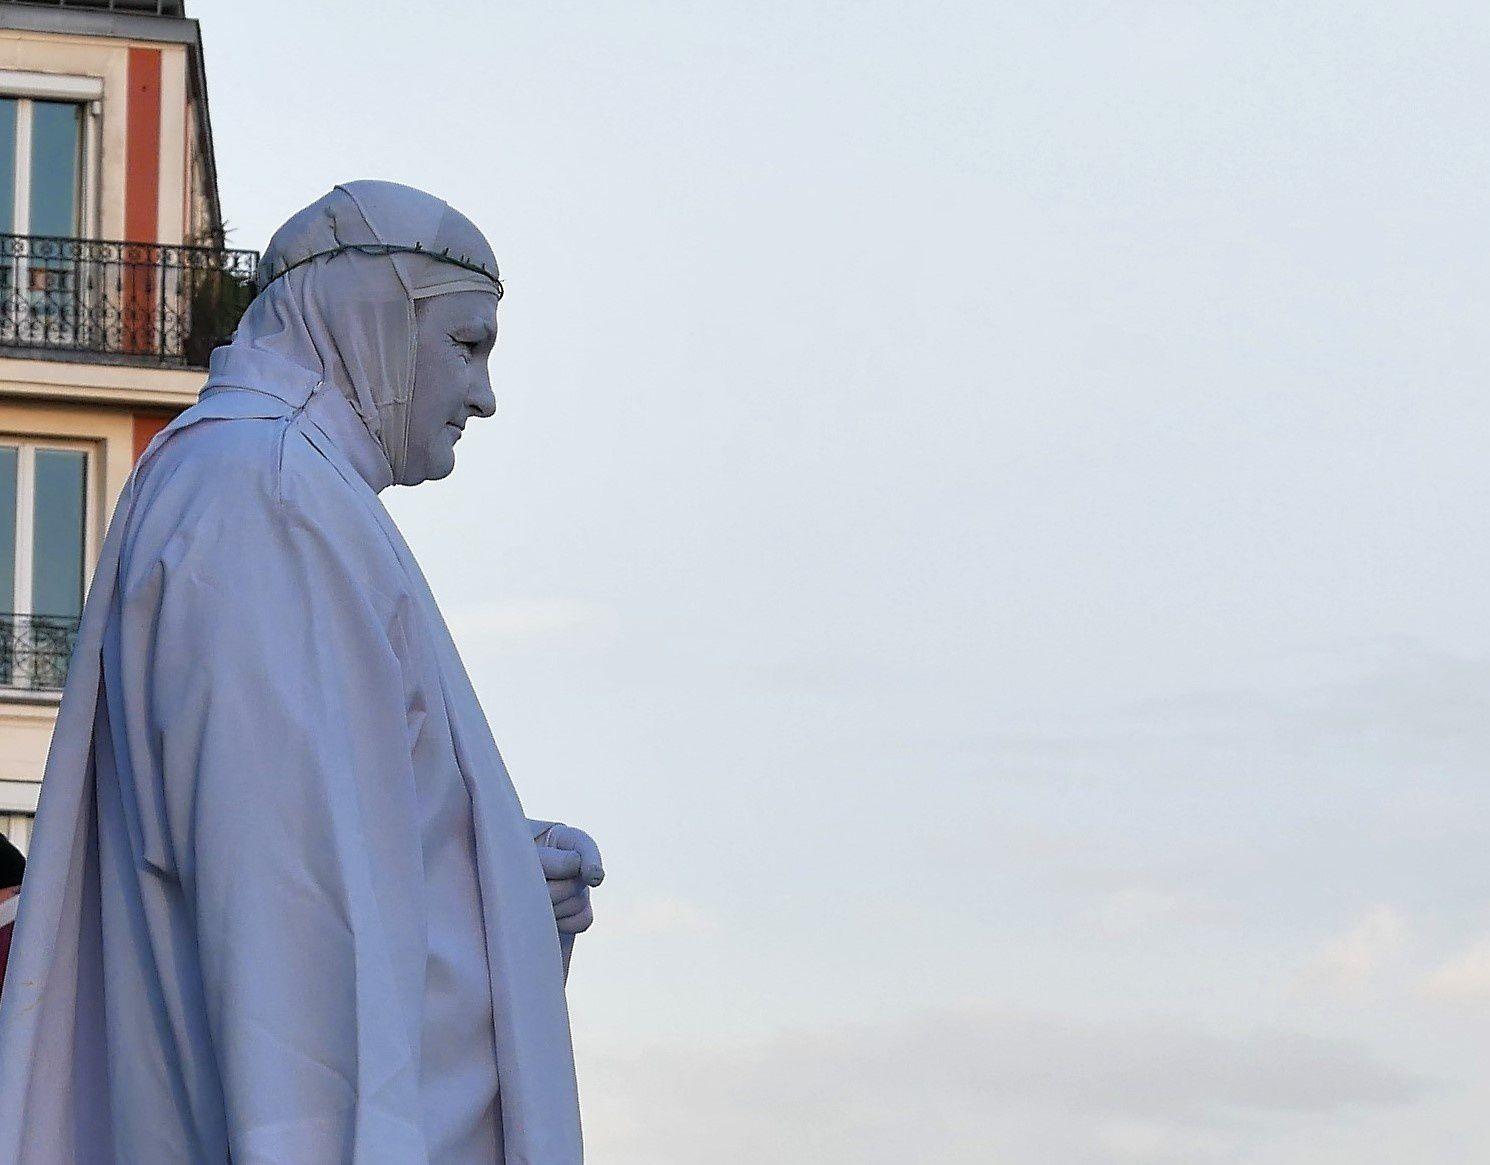 5 février. Escaliers de la rue du Cardinal Dubois. Statue vivante.